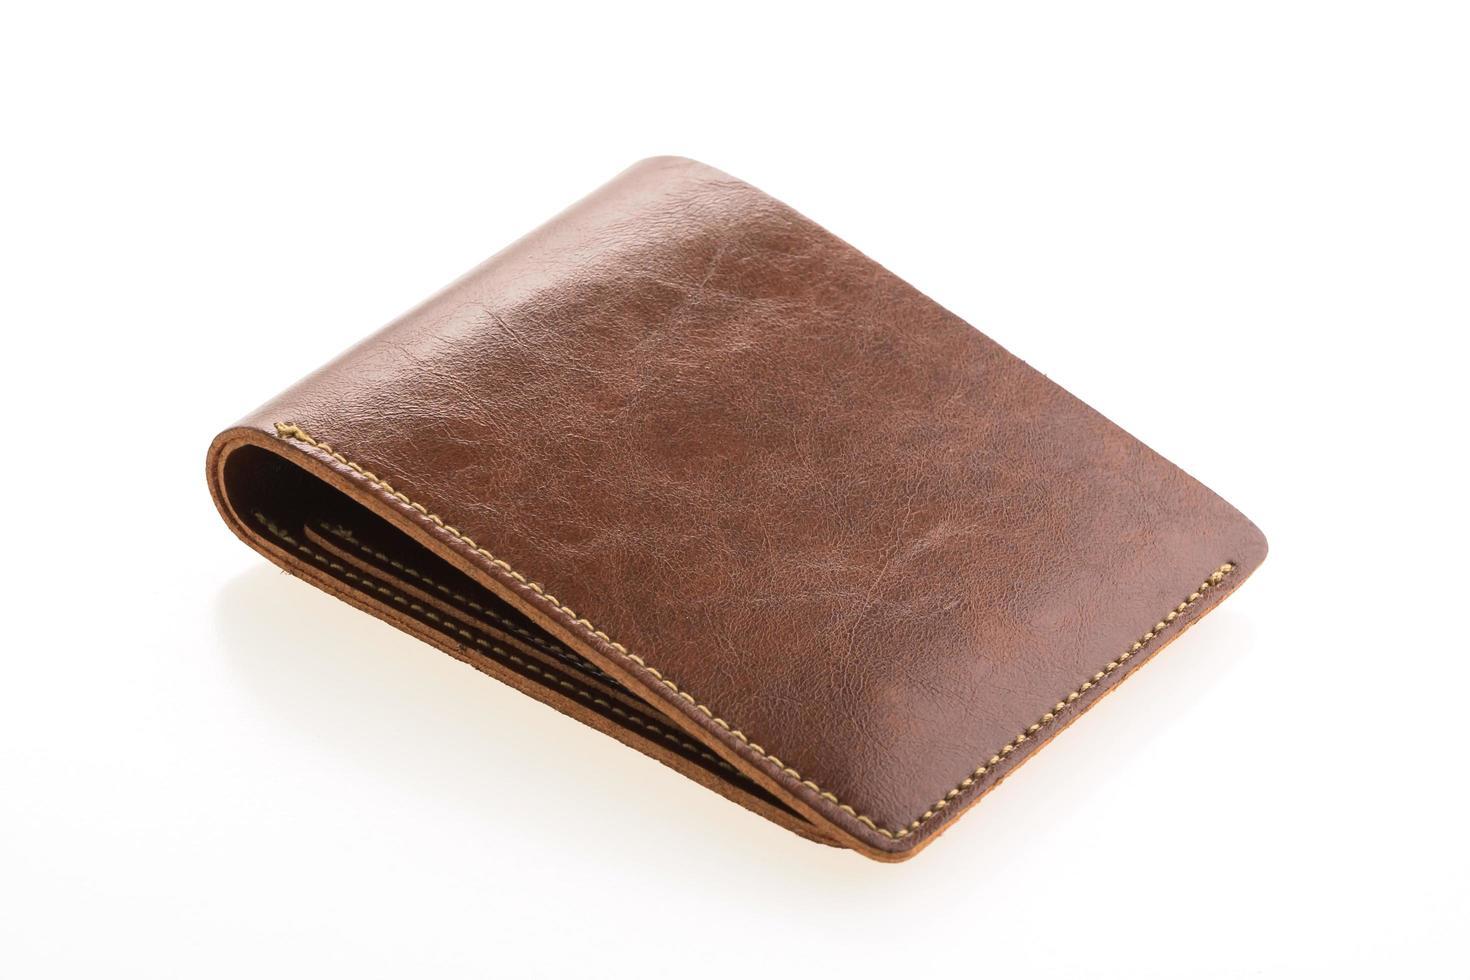 bruin lederen portemonnee op witte achtergrond foto